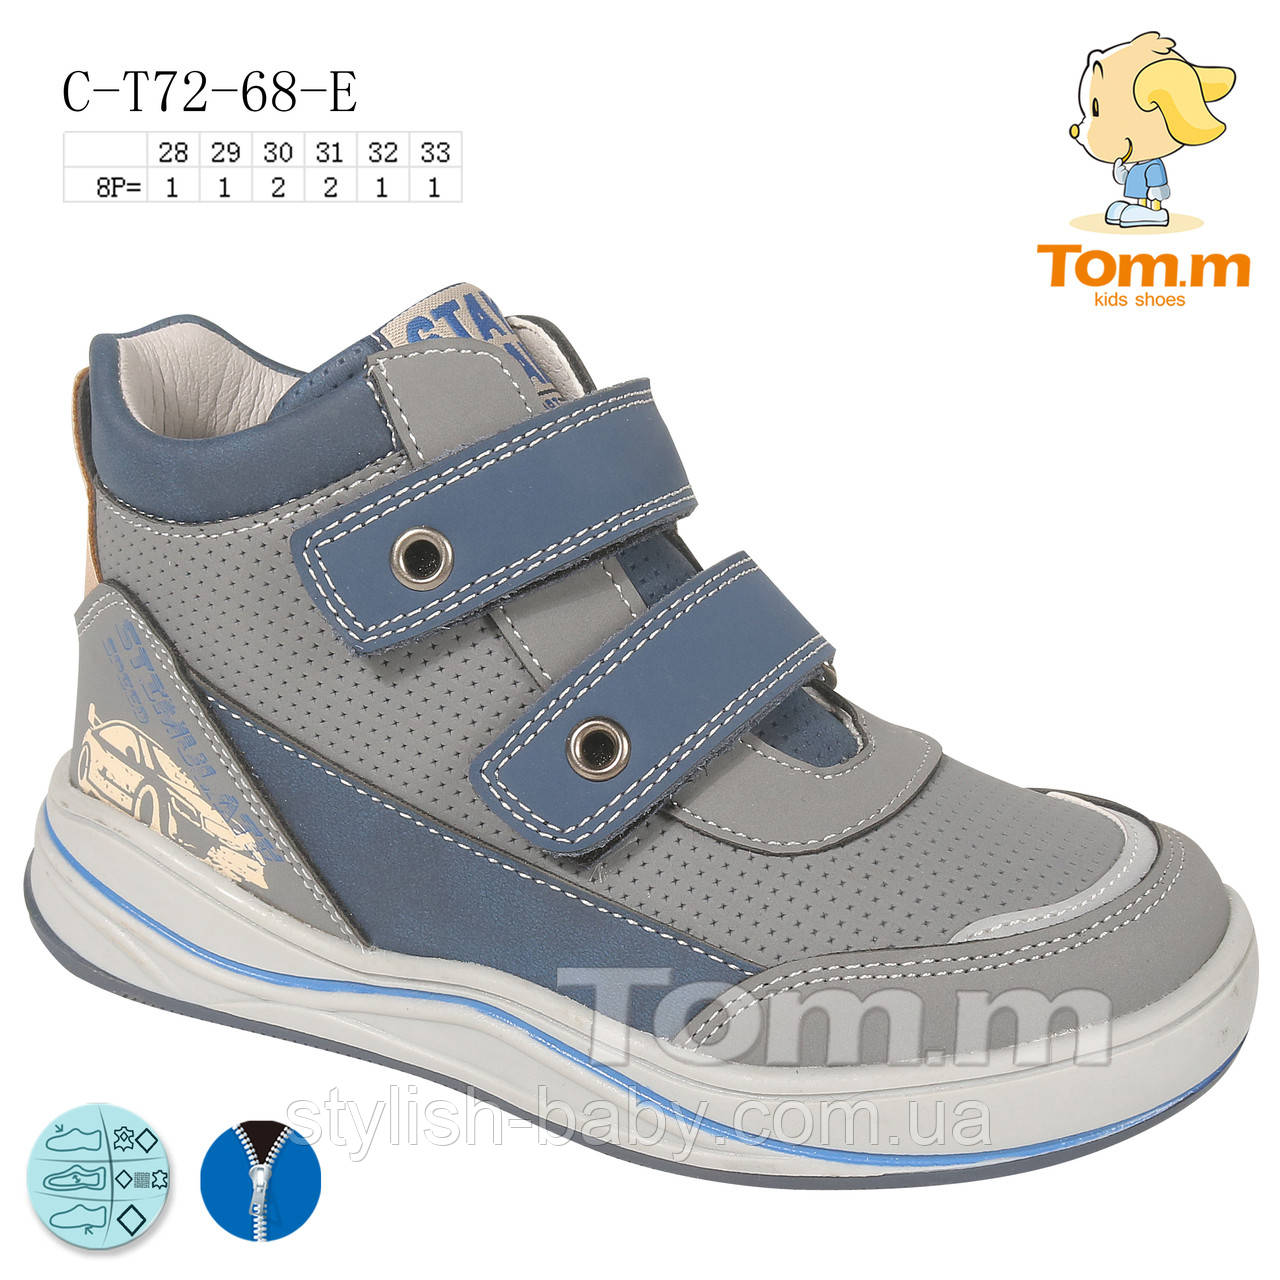 Детская обувь 2020 оптом. Детская демисезонная обувь бренда Tom.m для мальчиков (рр. с 28 по 33)